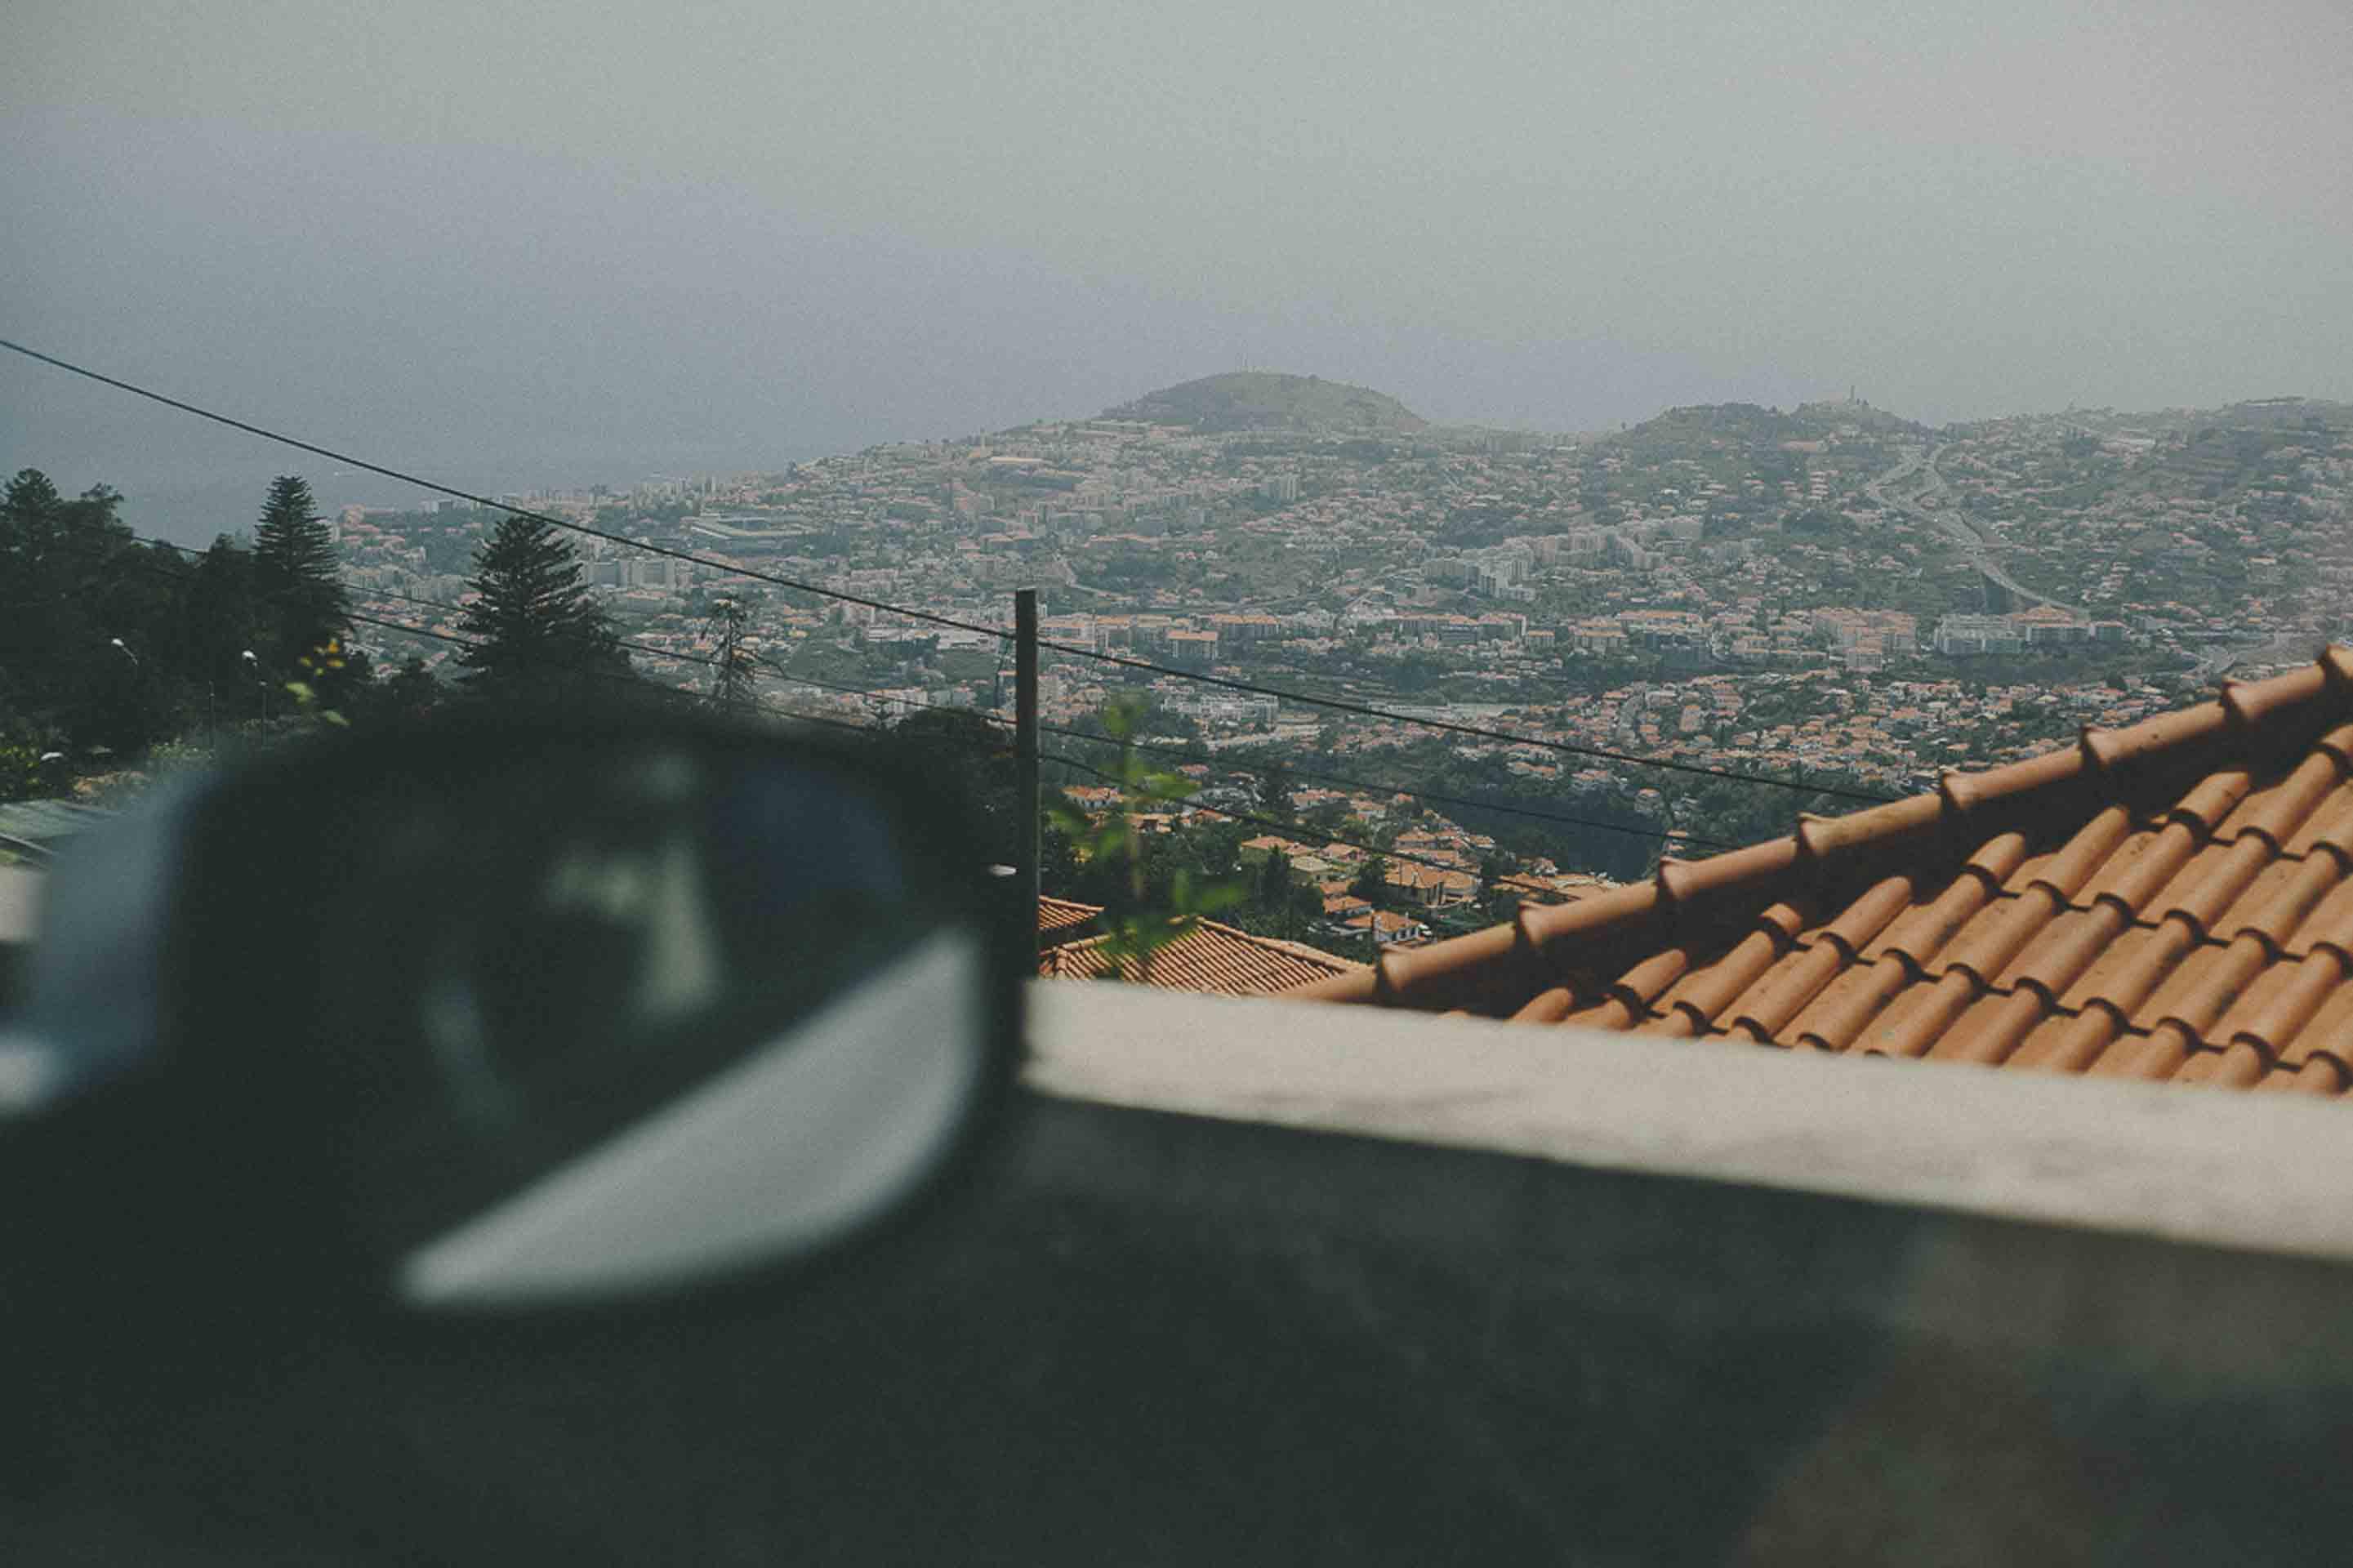 jak robić dobre zdjęcia na wakacjach